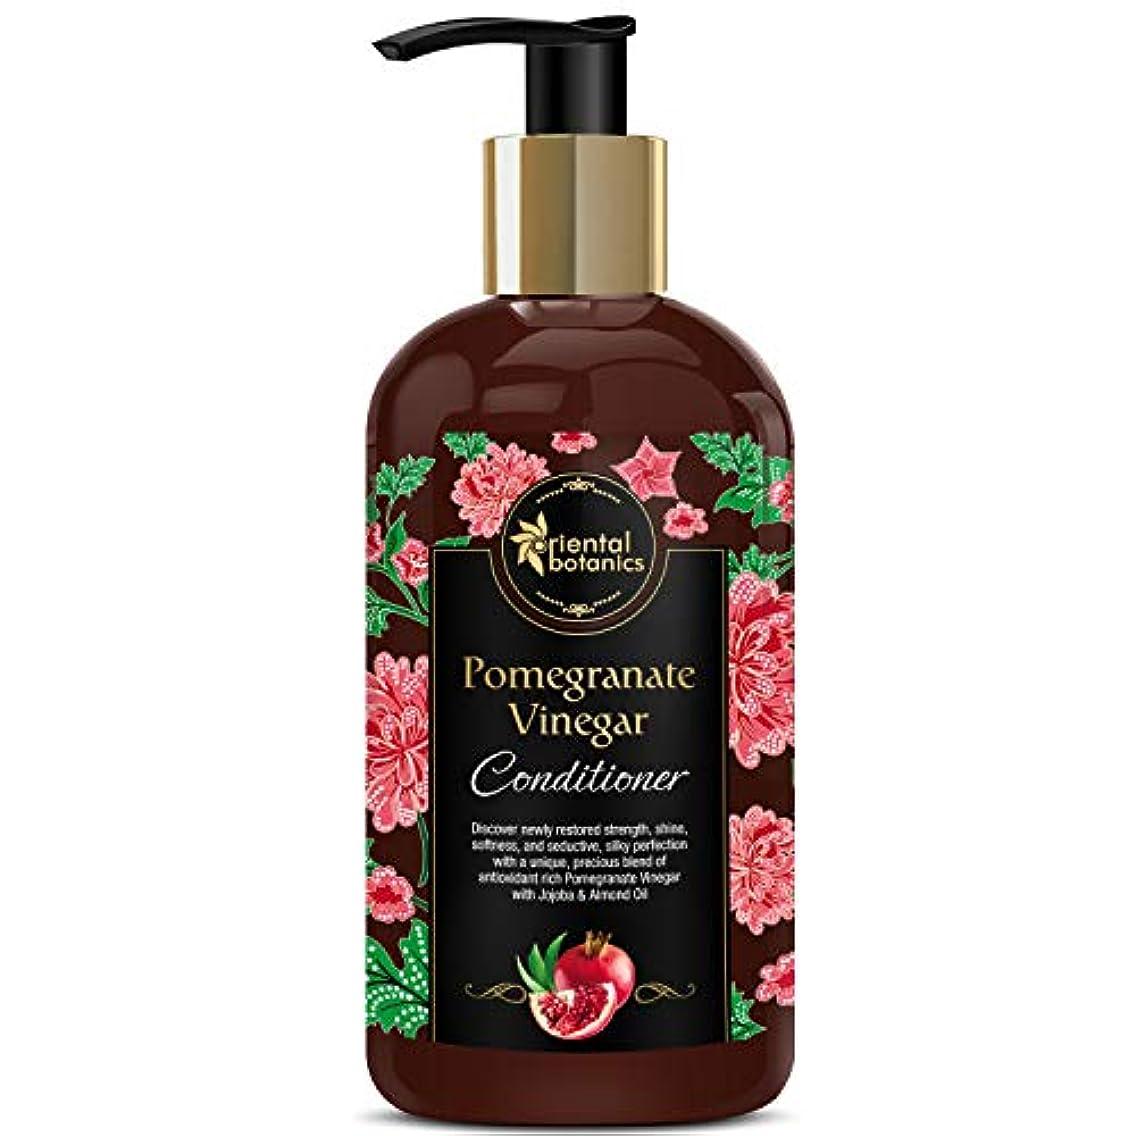 一握りオペラ取り消すOriental Botanics Pomegranate Vinegar Conditioner - For Healthy, Strong Hair with Antioxidant Boost & Golden Jojoba...